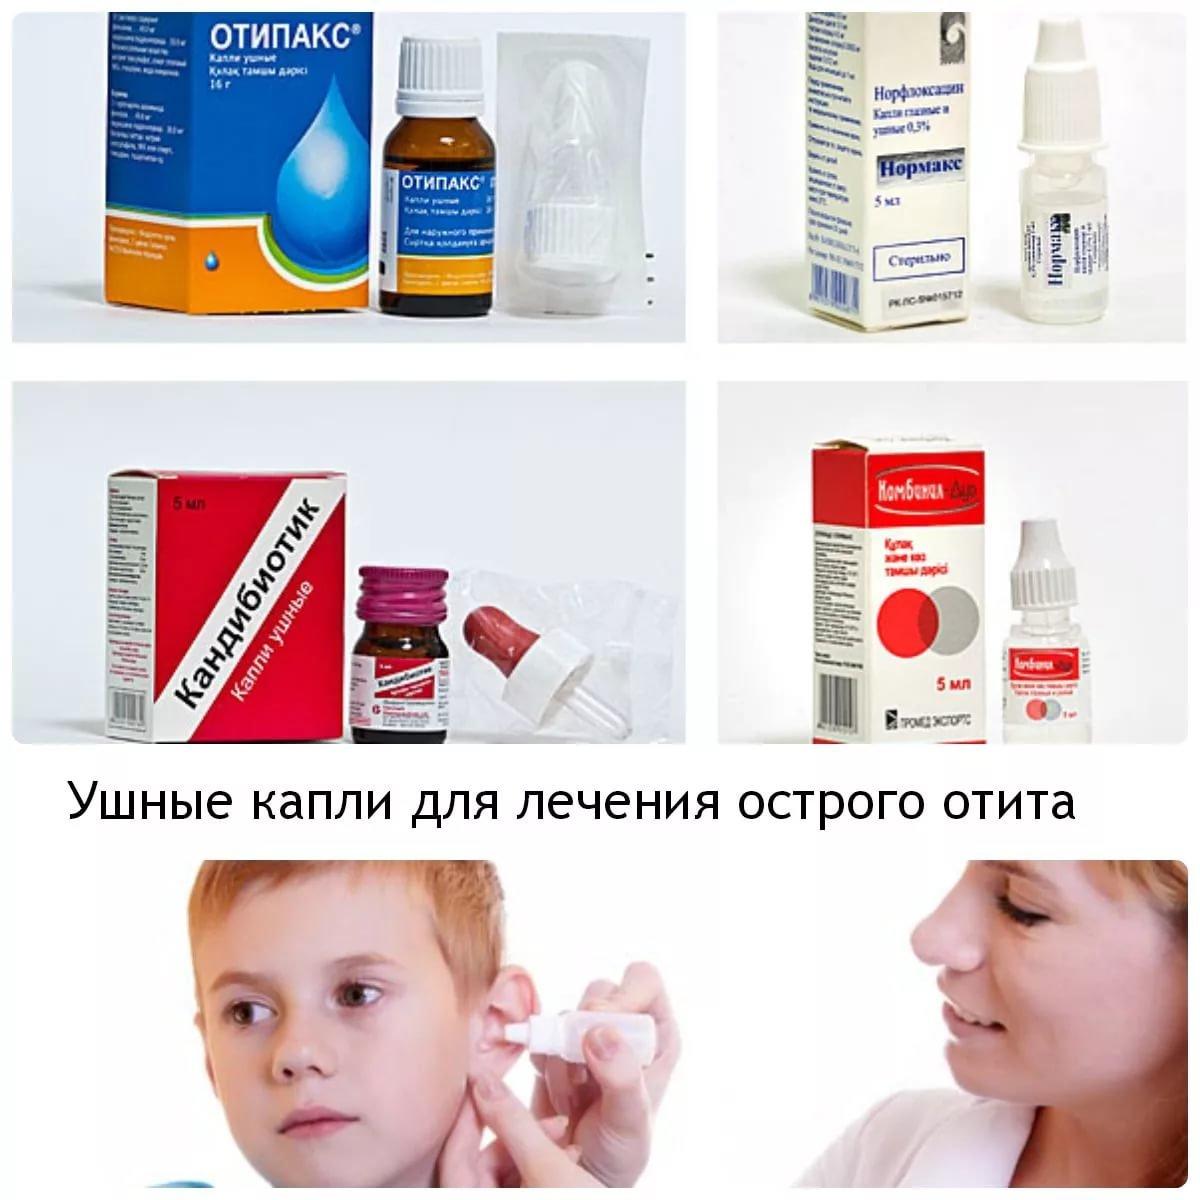 Опять отит! как уберечь ребенка отвоспаления уха?